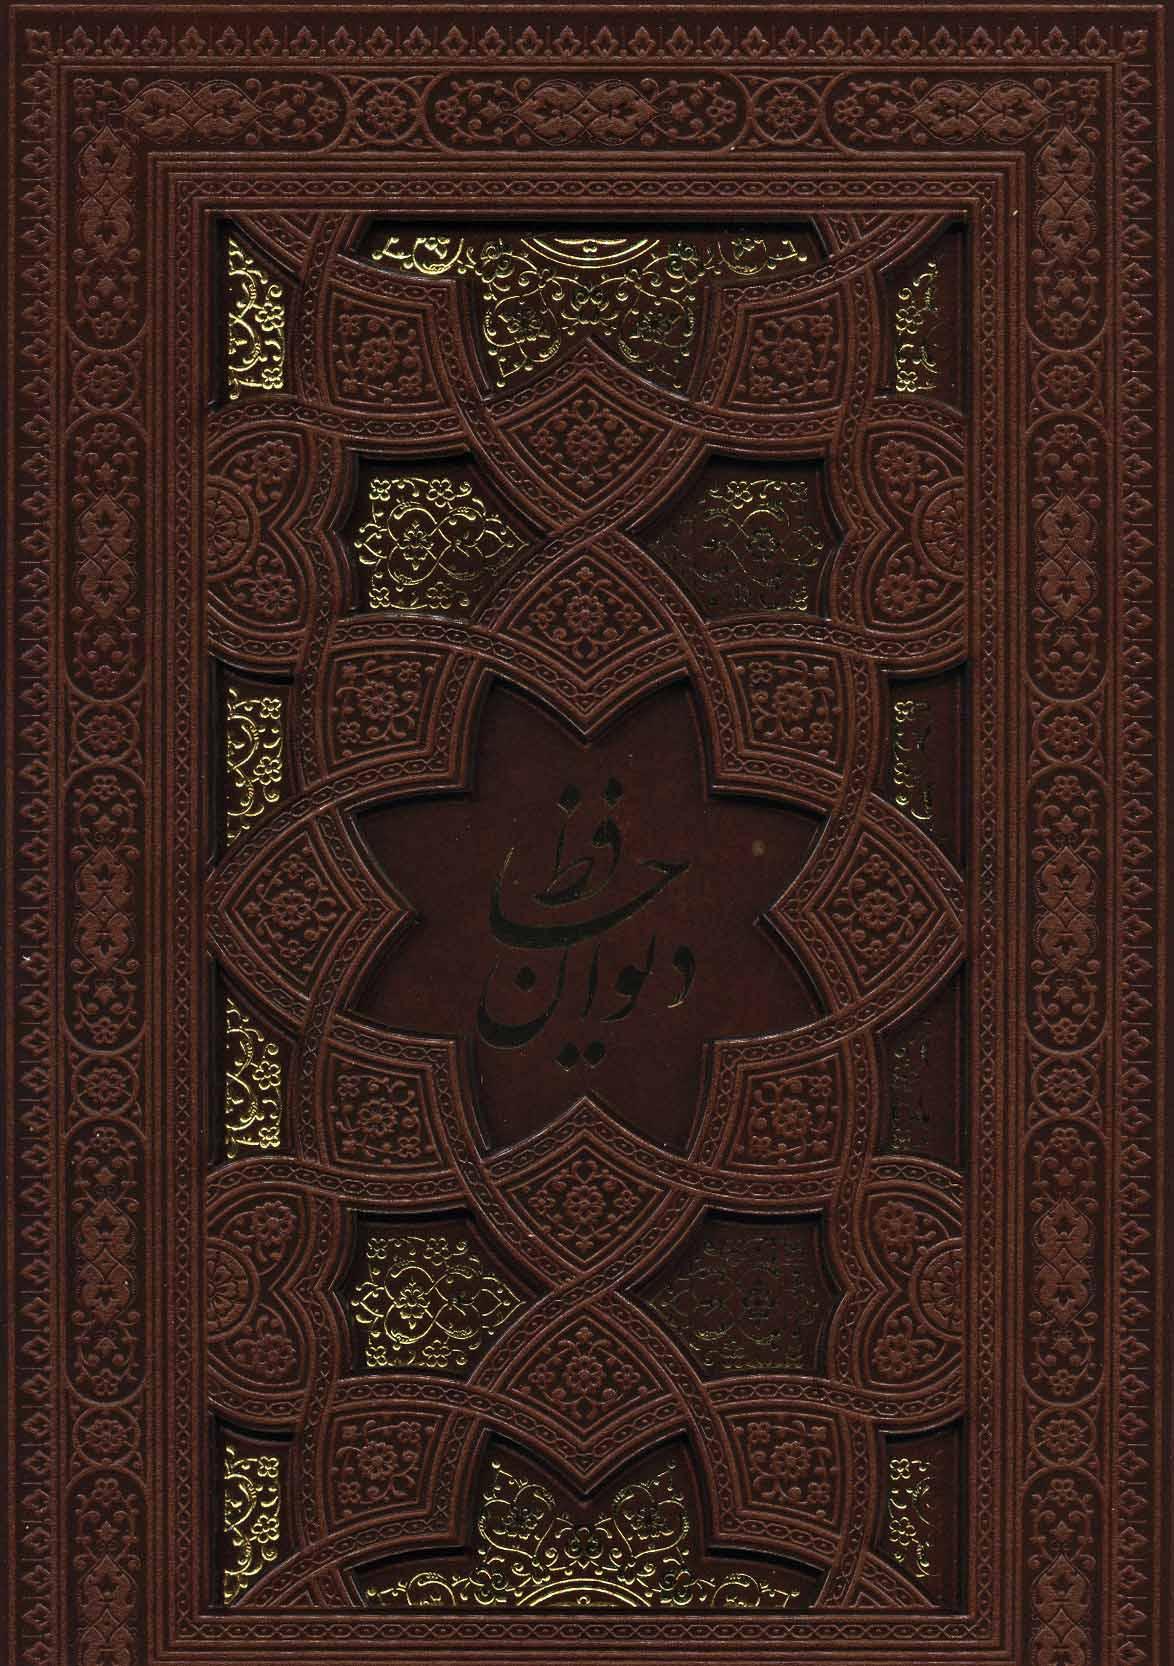 دیوان حافظ (2زبانه،لب طلایی،ترمو،لیزری،باقاب)